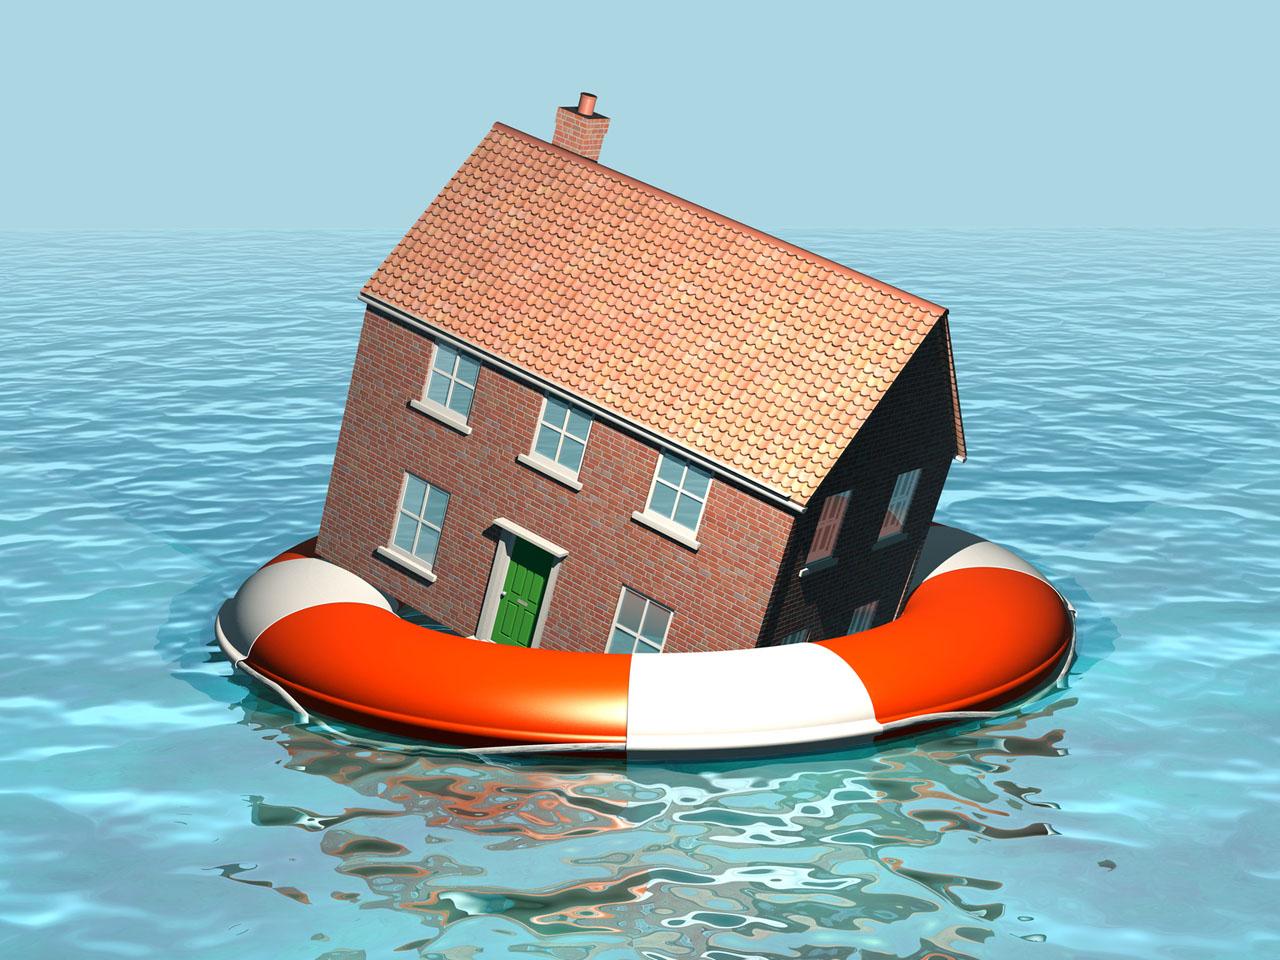 Construire en zone inondable, les conditions